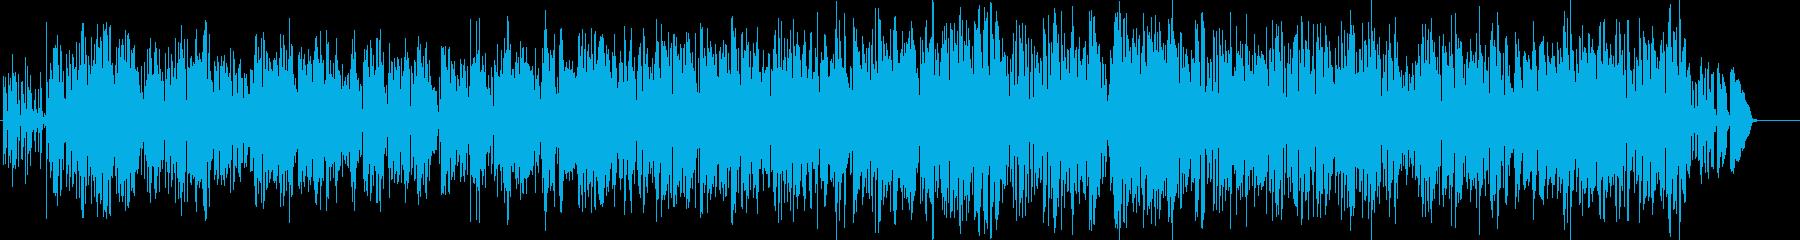 標準ジャズ。ウォーキングベース。の再生済みの波形